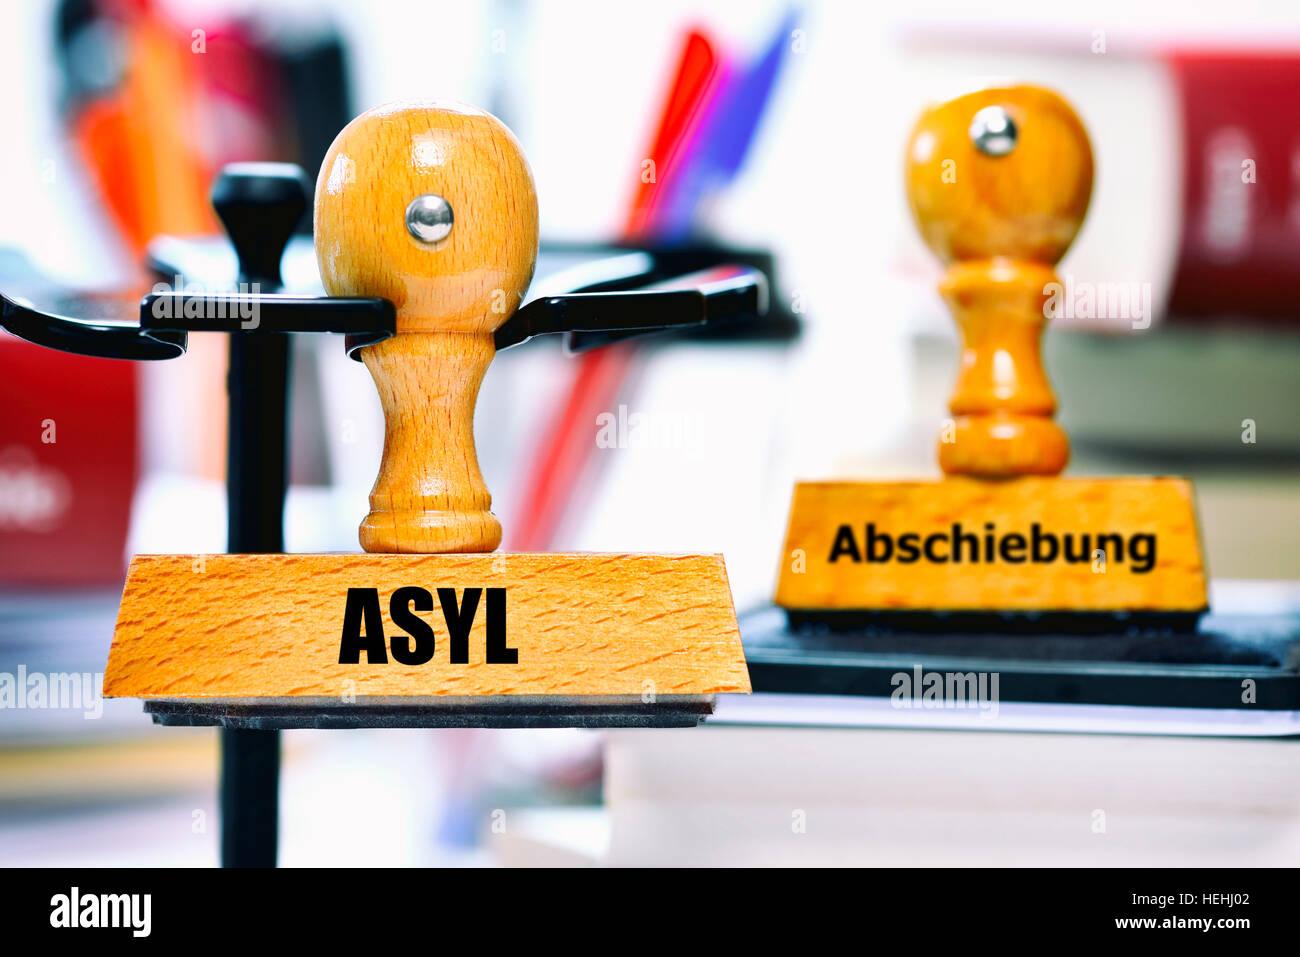 Stempel mit der Aufschrift Asyl und Abschiebung - Stock Image